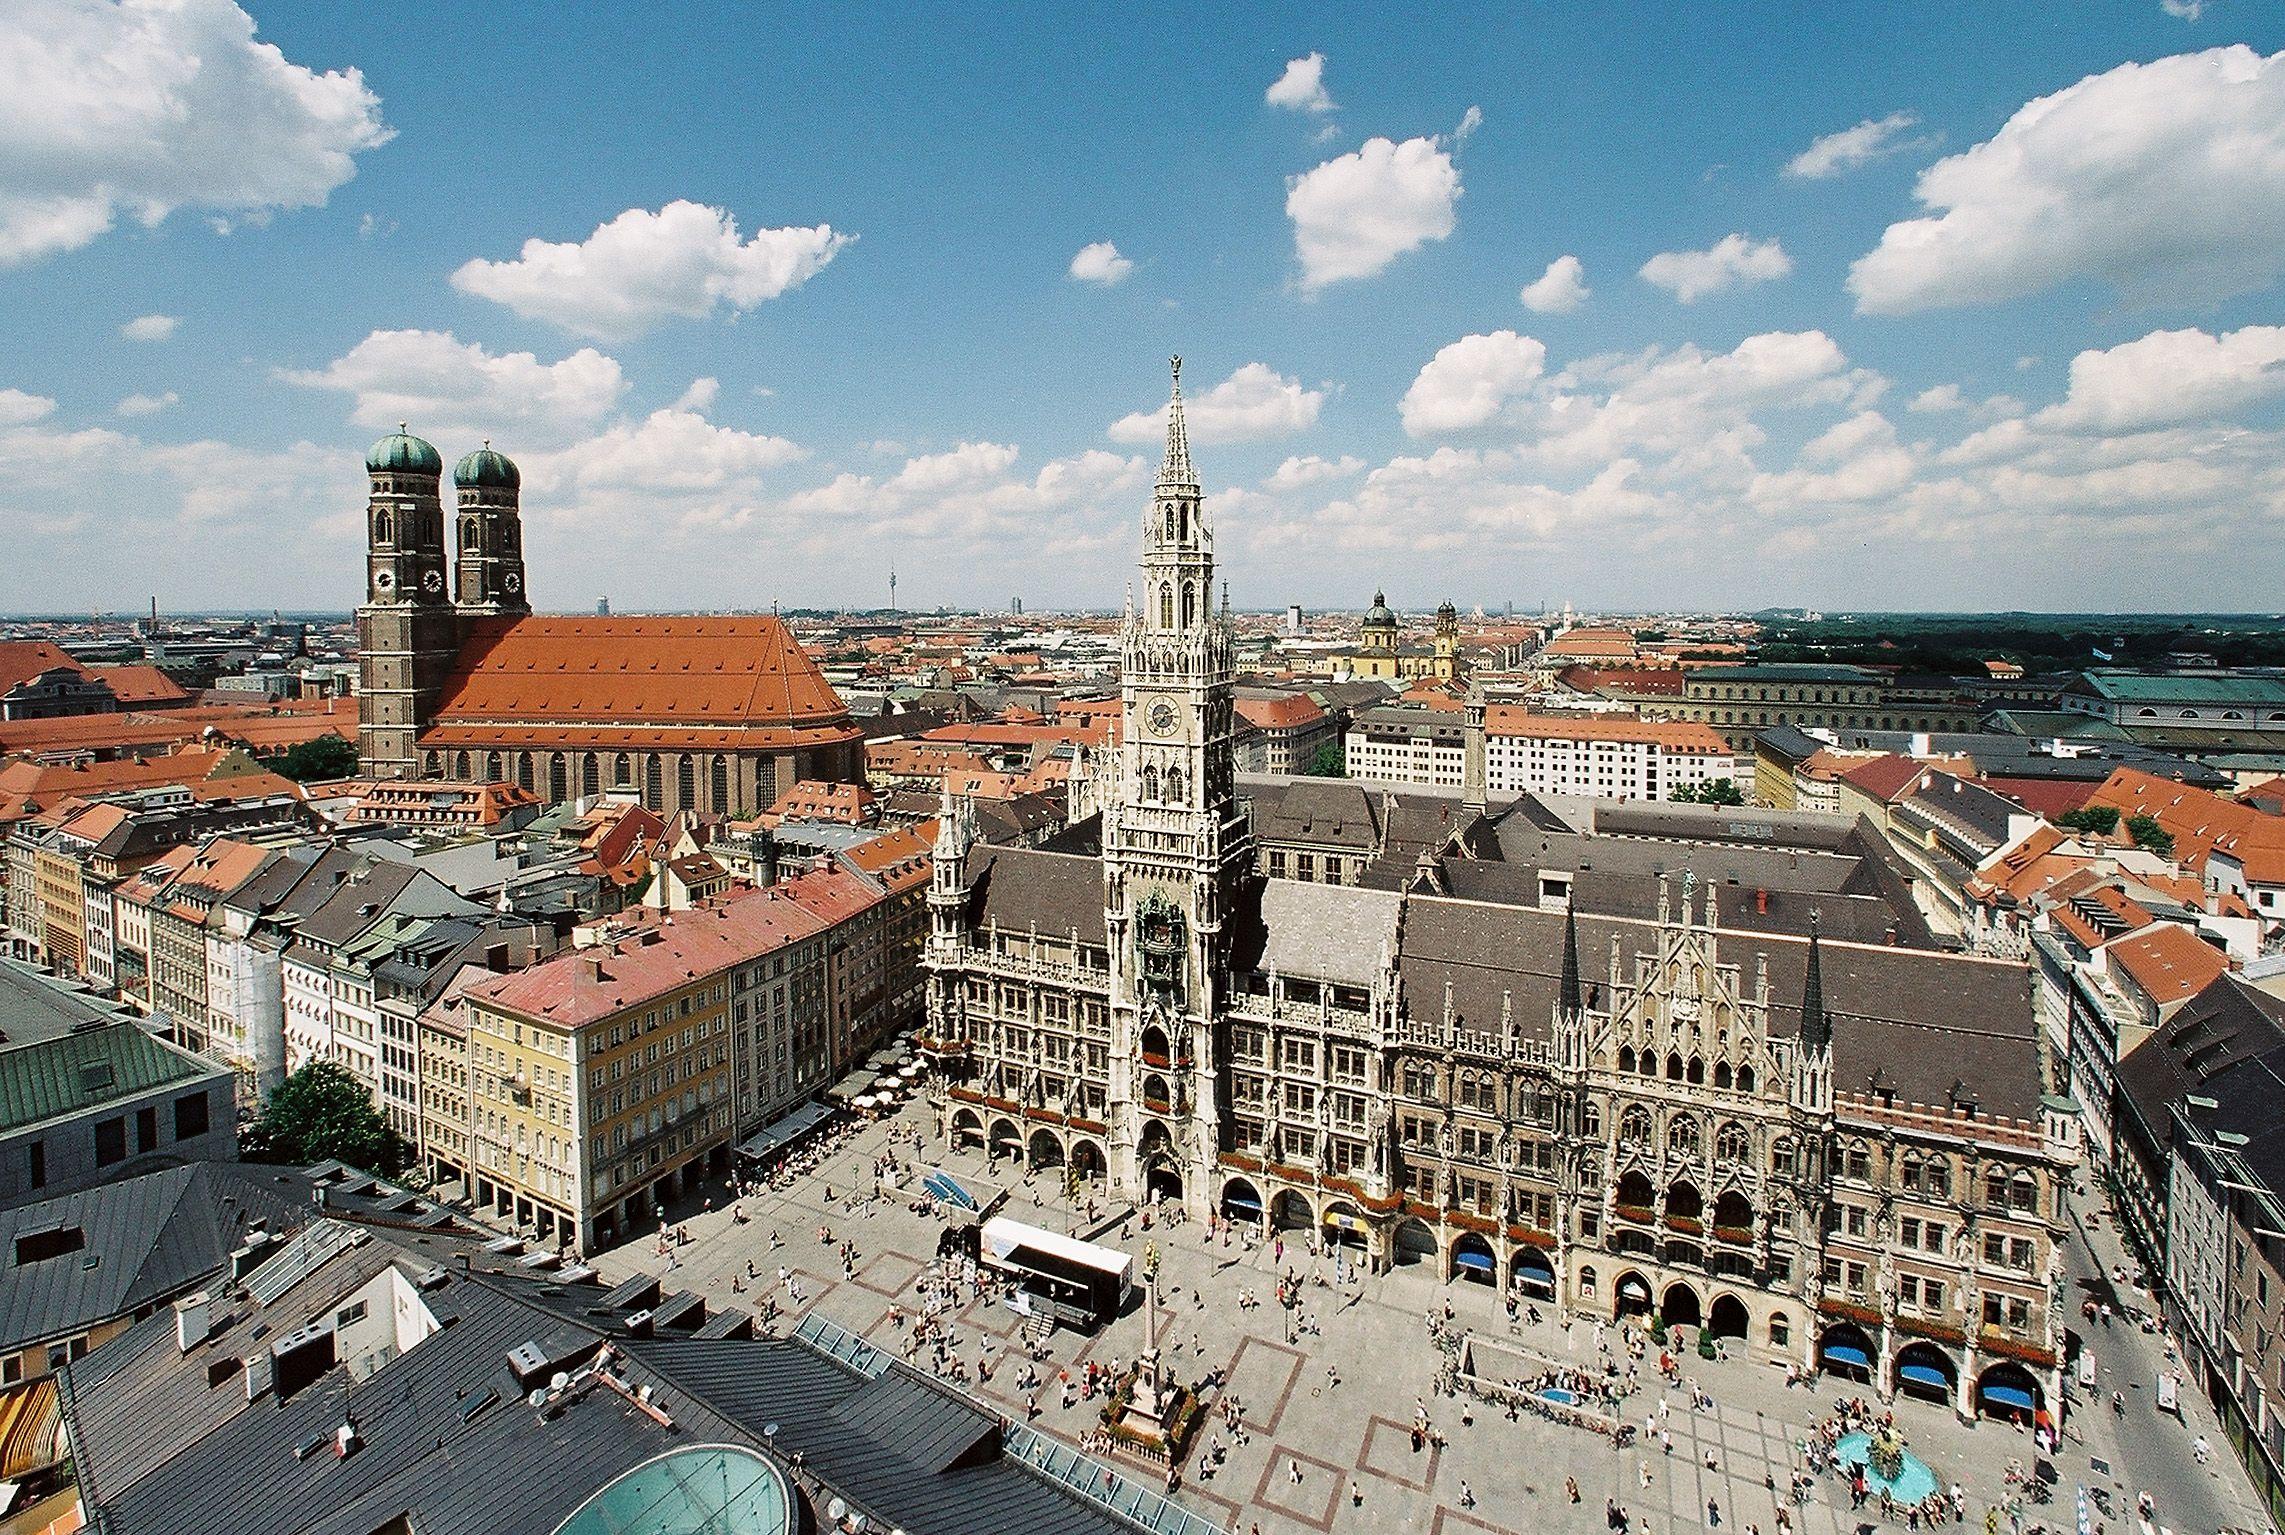 Die Stadt München mit Blick auf Frauenkirche, Marienplatz und Neues Rathaus